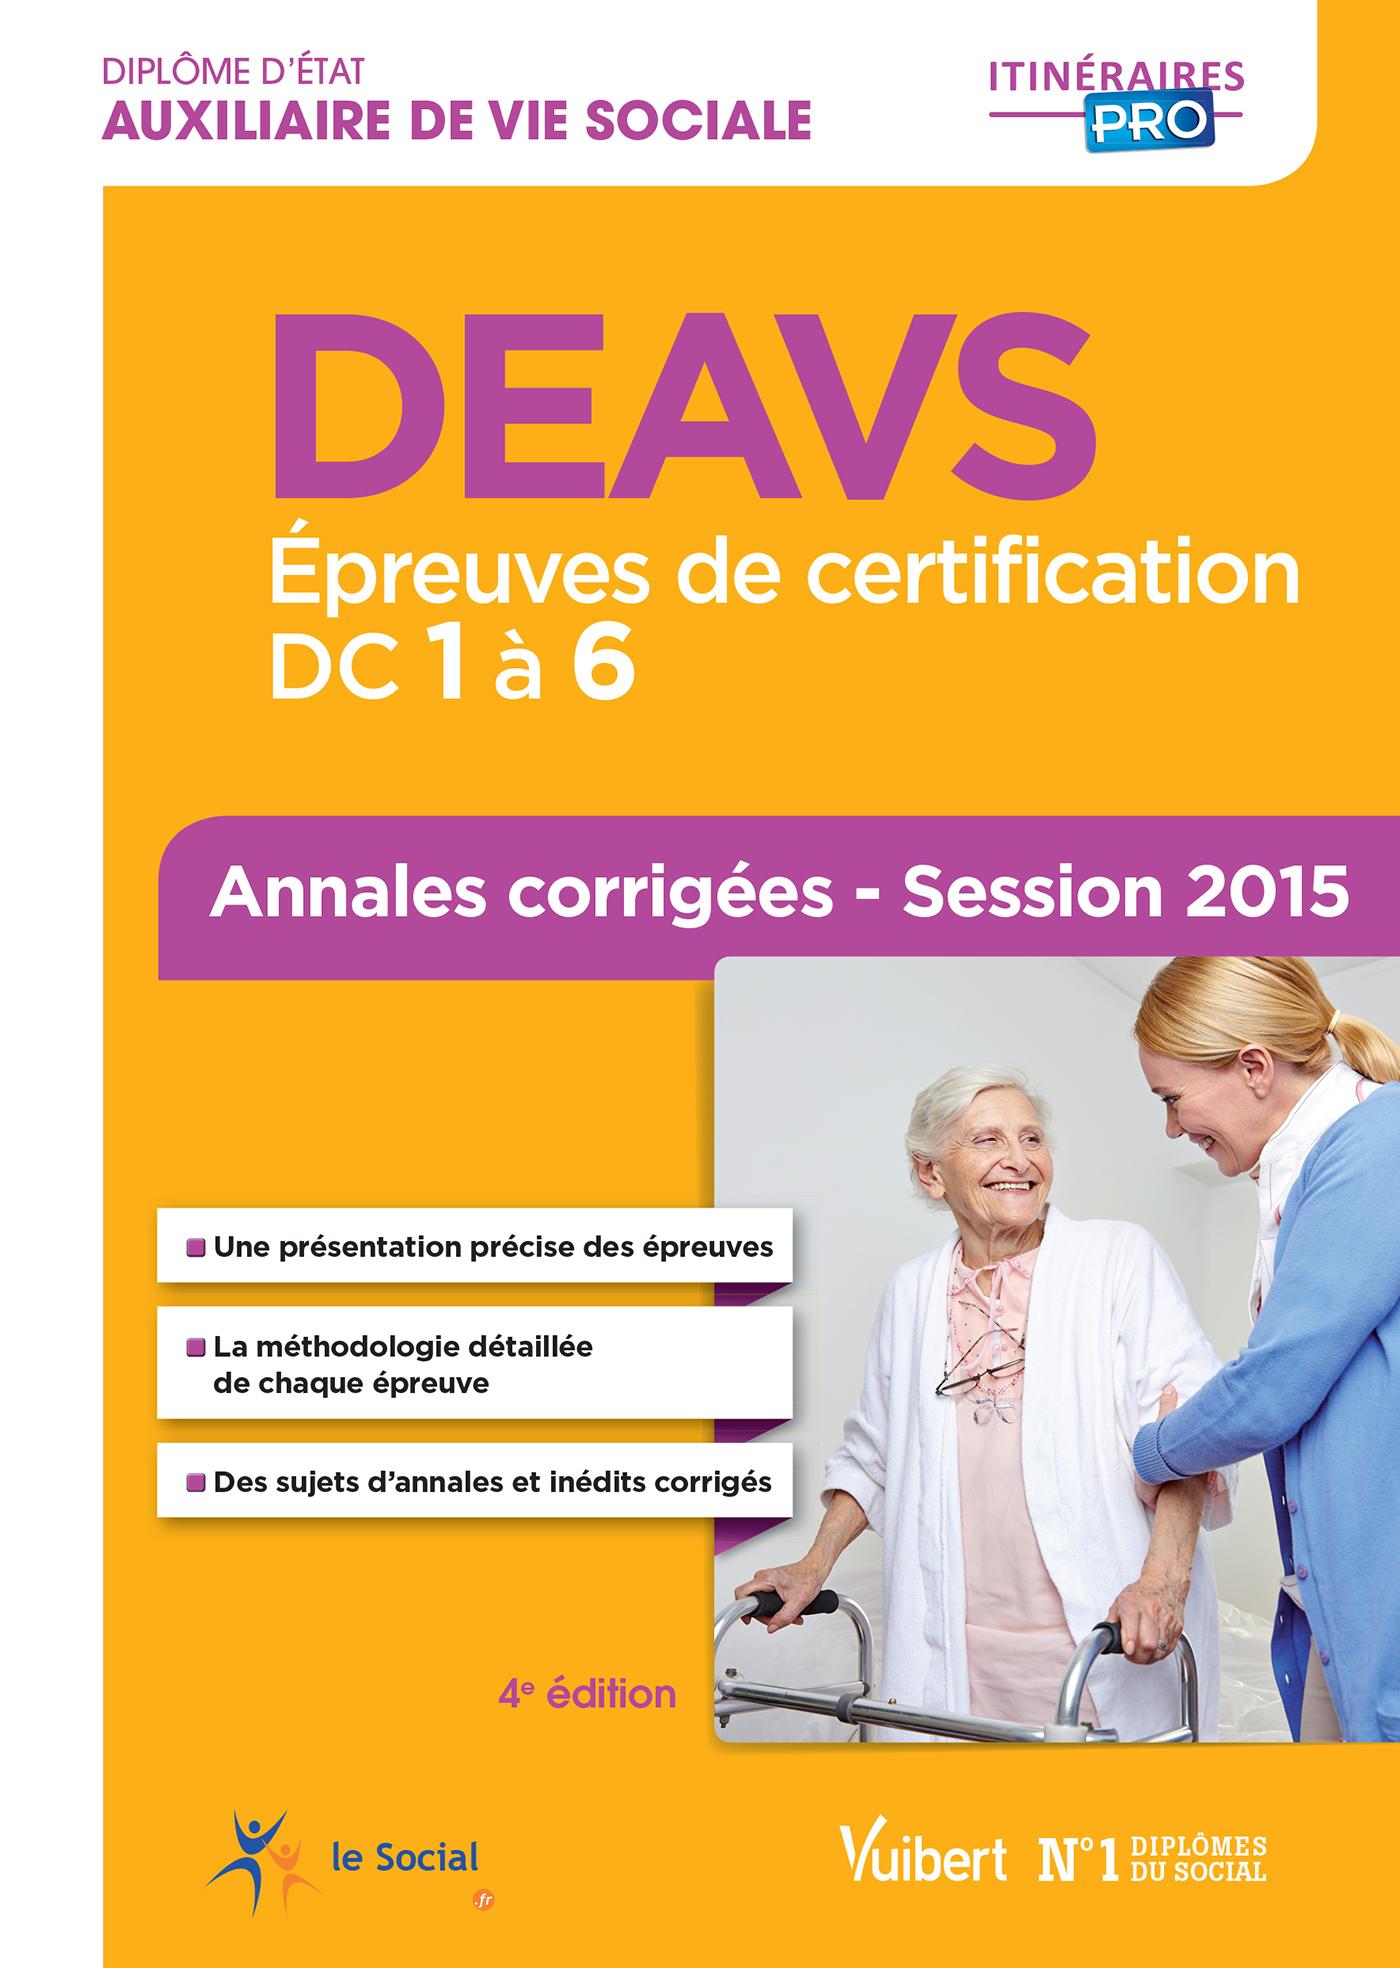 DEAVS ANNALES CORRIGEES 2015 4E EDT EPREUVES DE CERTIFICATION